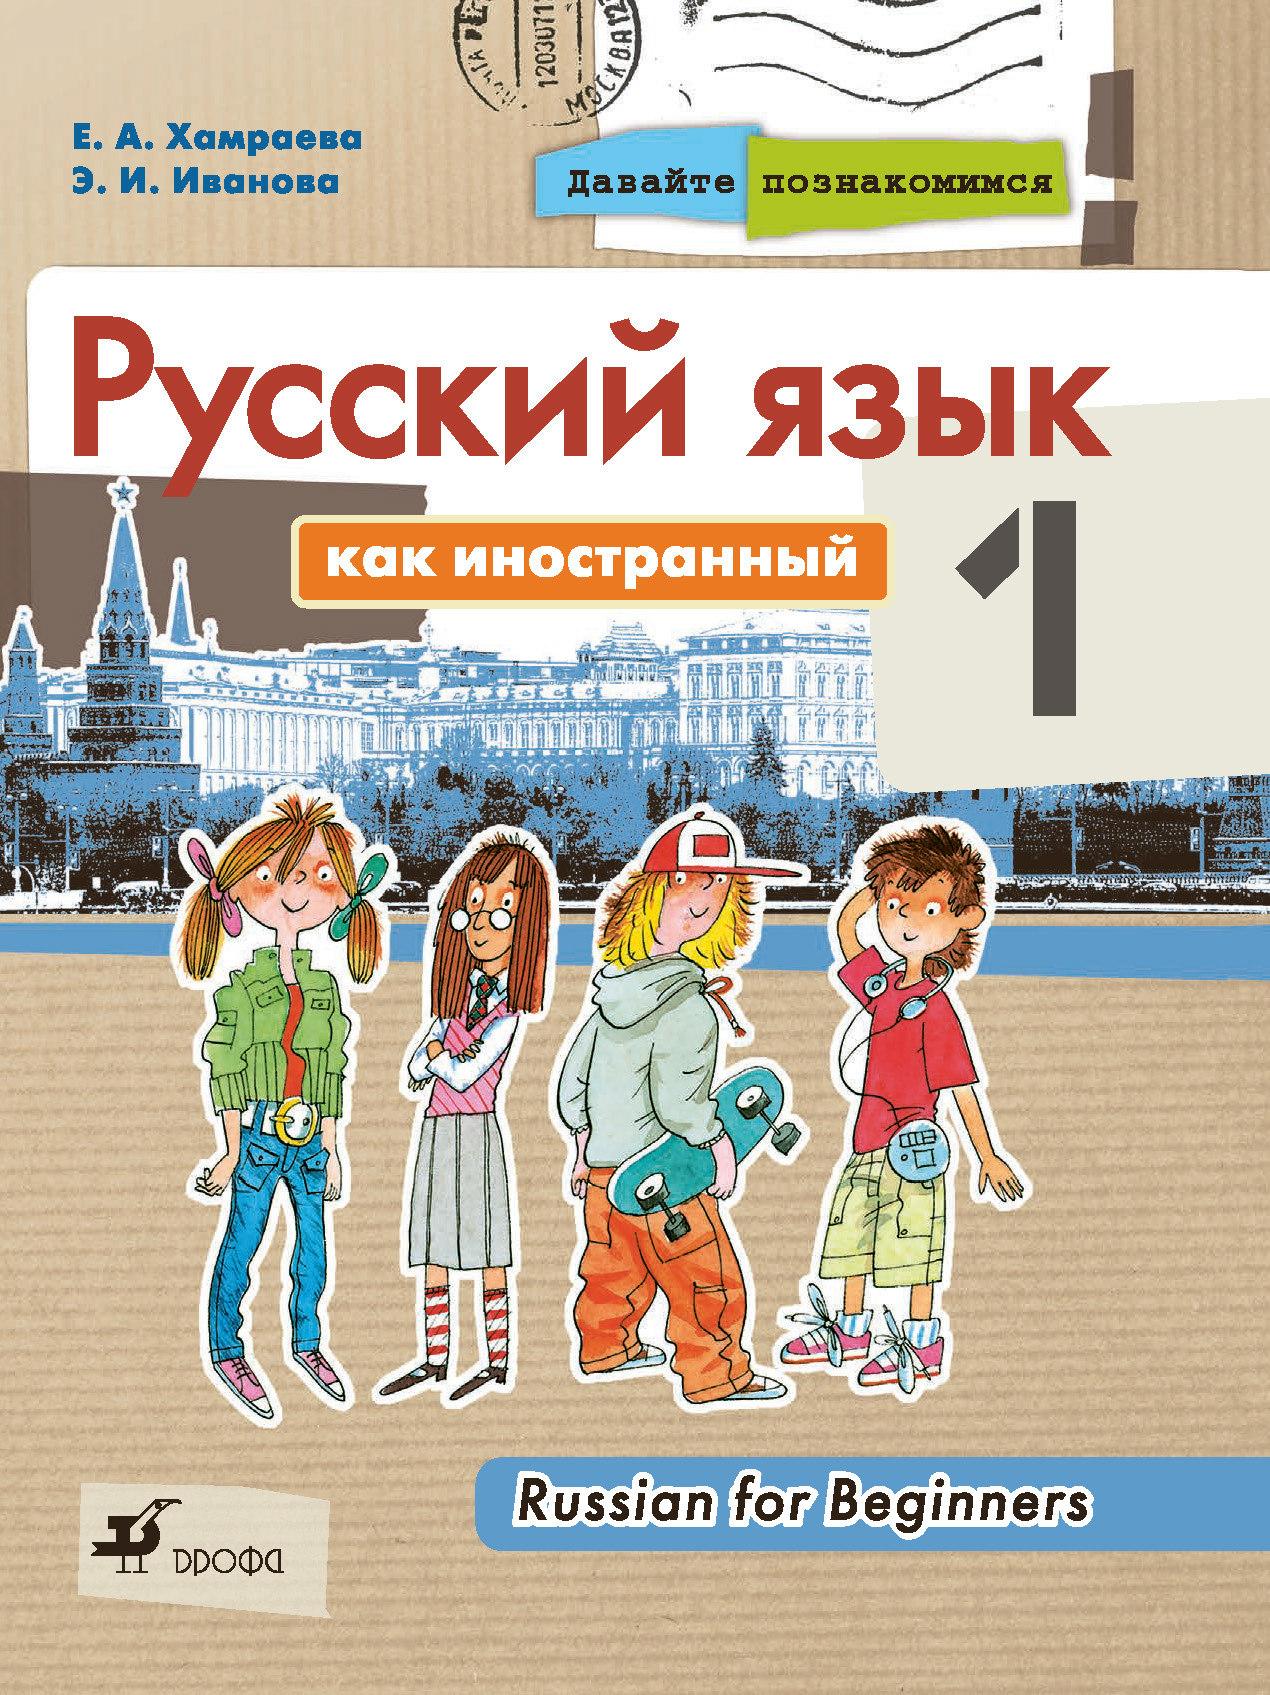 давайте познакомимся русский язык хамраева скачать